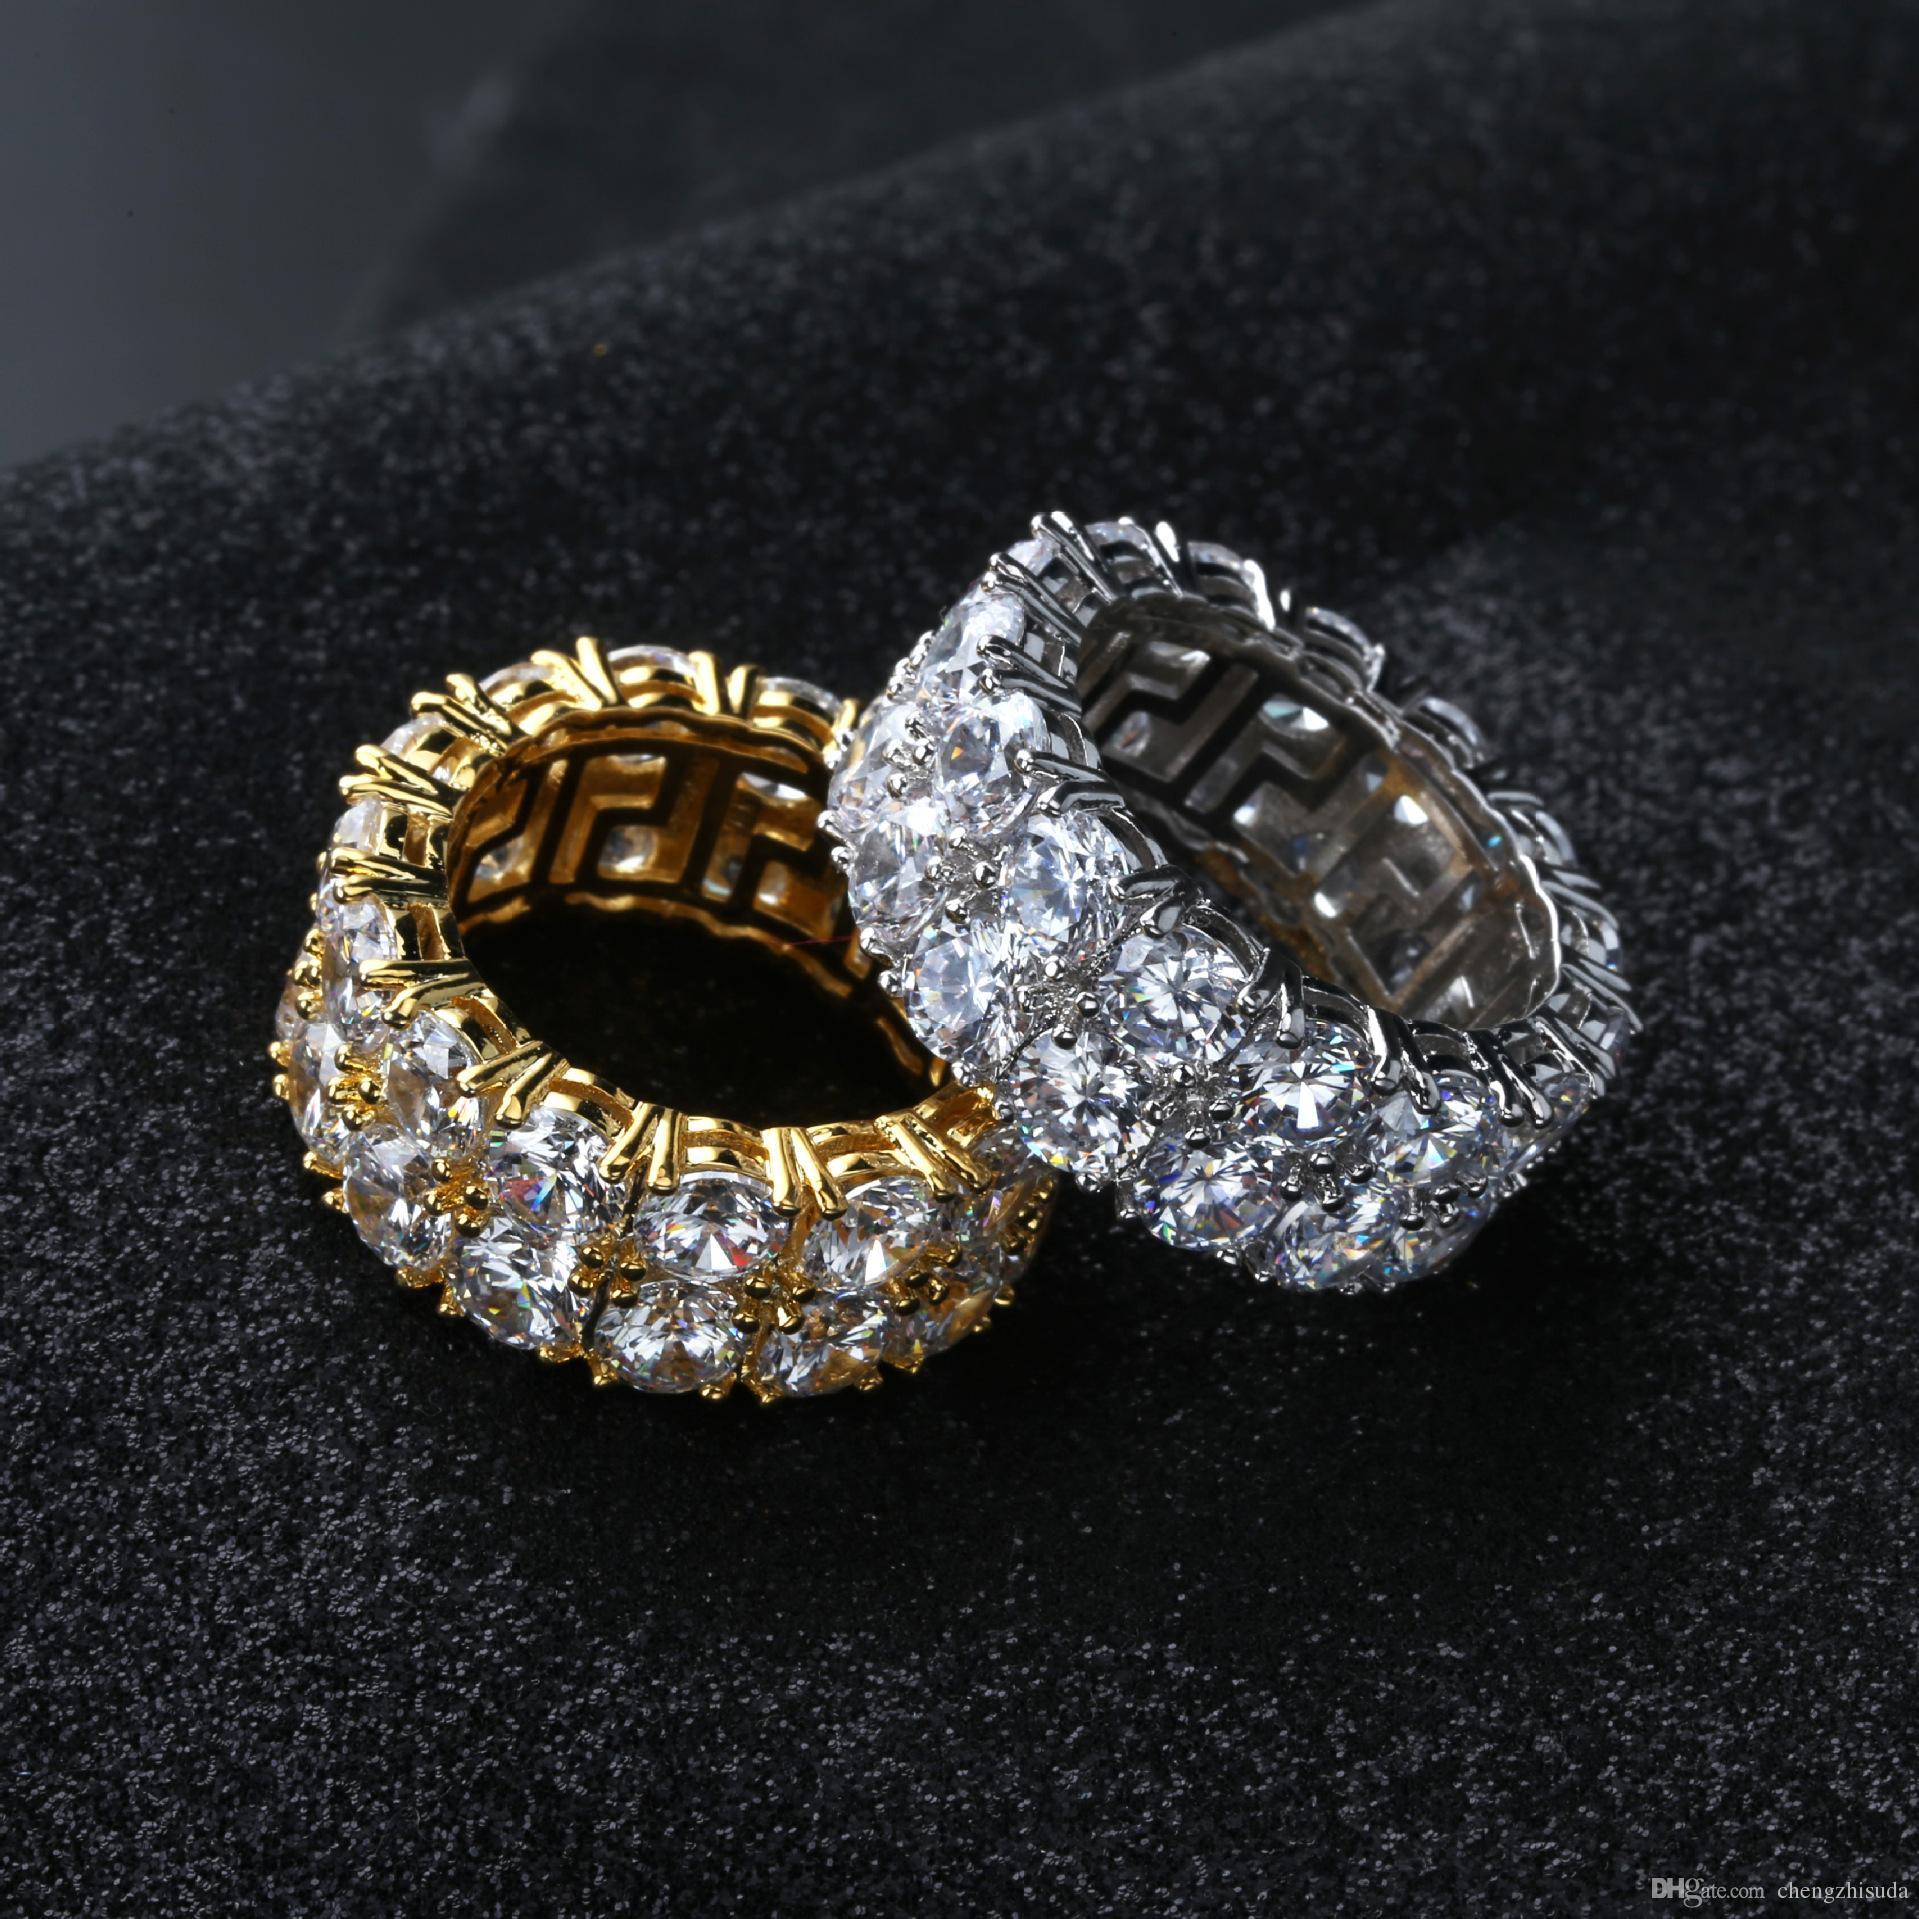 Boyutu 7-12 Hip Hop 2 Satır Yuvarlak Solitaire Zirkon Tenis Yüzük Erkekler Kadınlar için Altın Gümüş Renkler